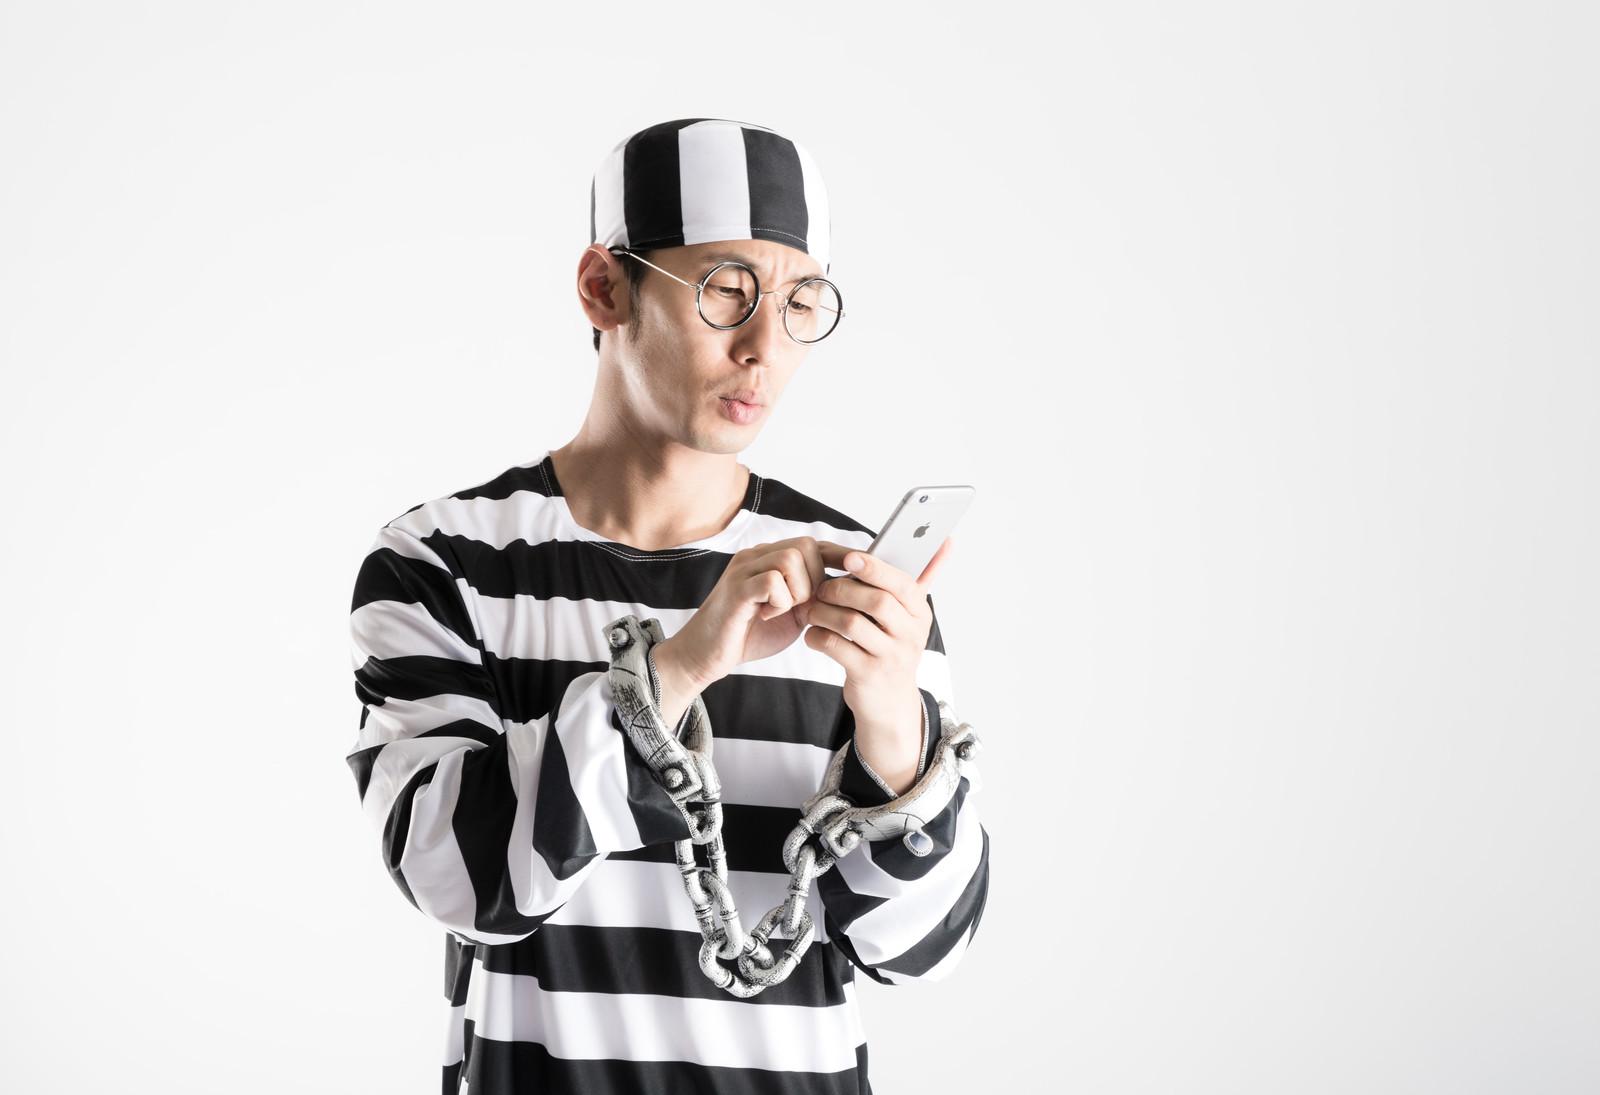 アクタージュ強制打切り確定か、作者「マツキタツヤ」がわいせつ容疑で逮捕